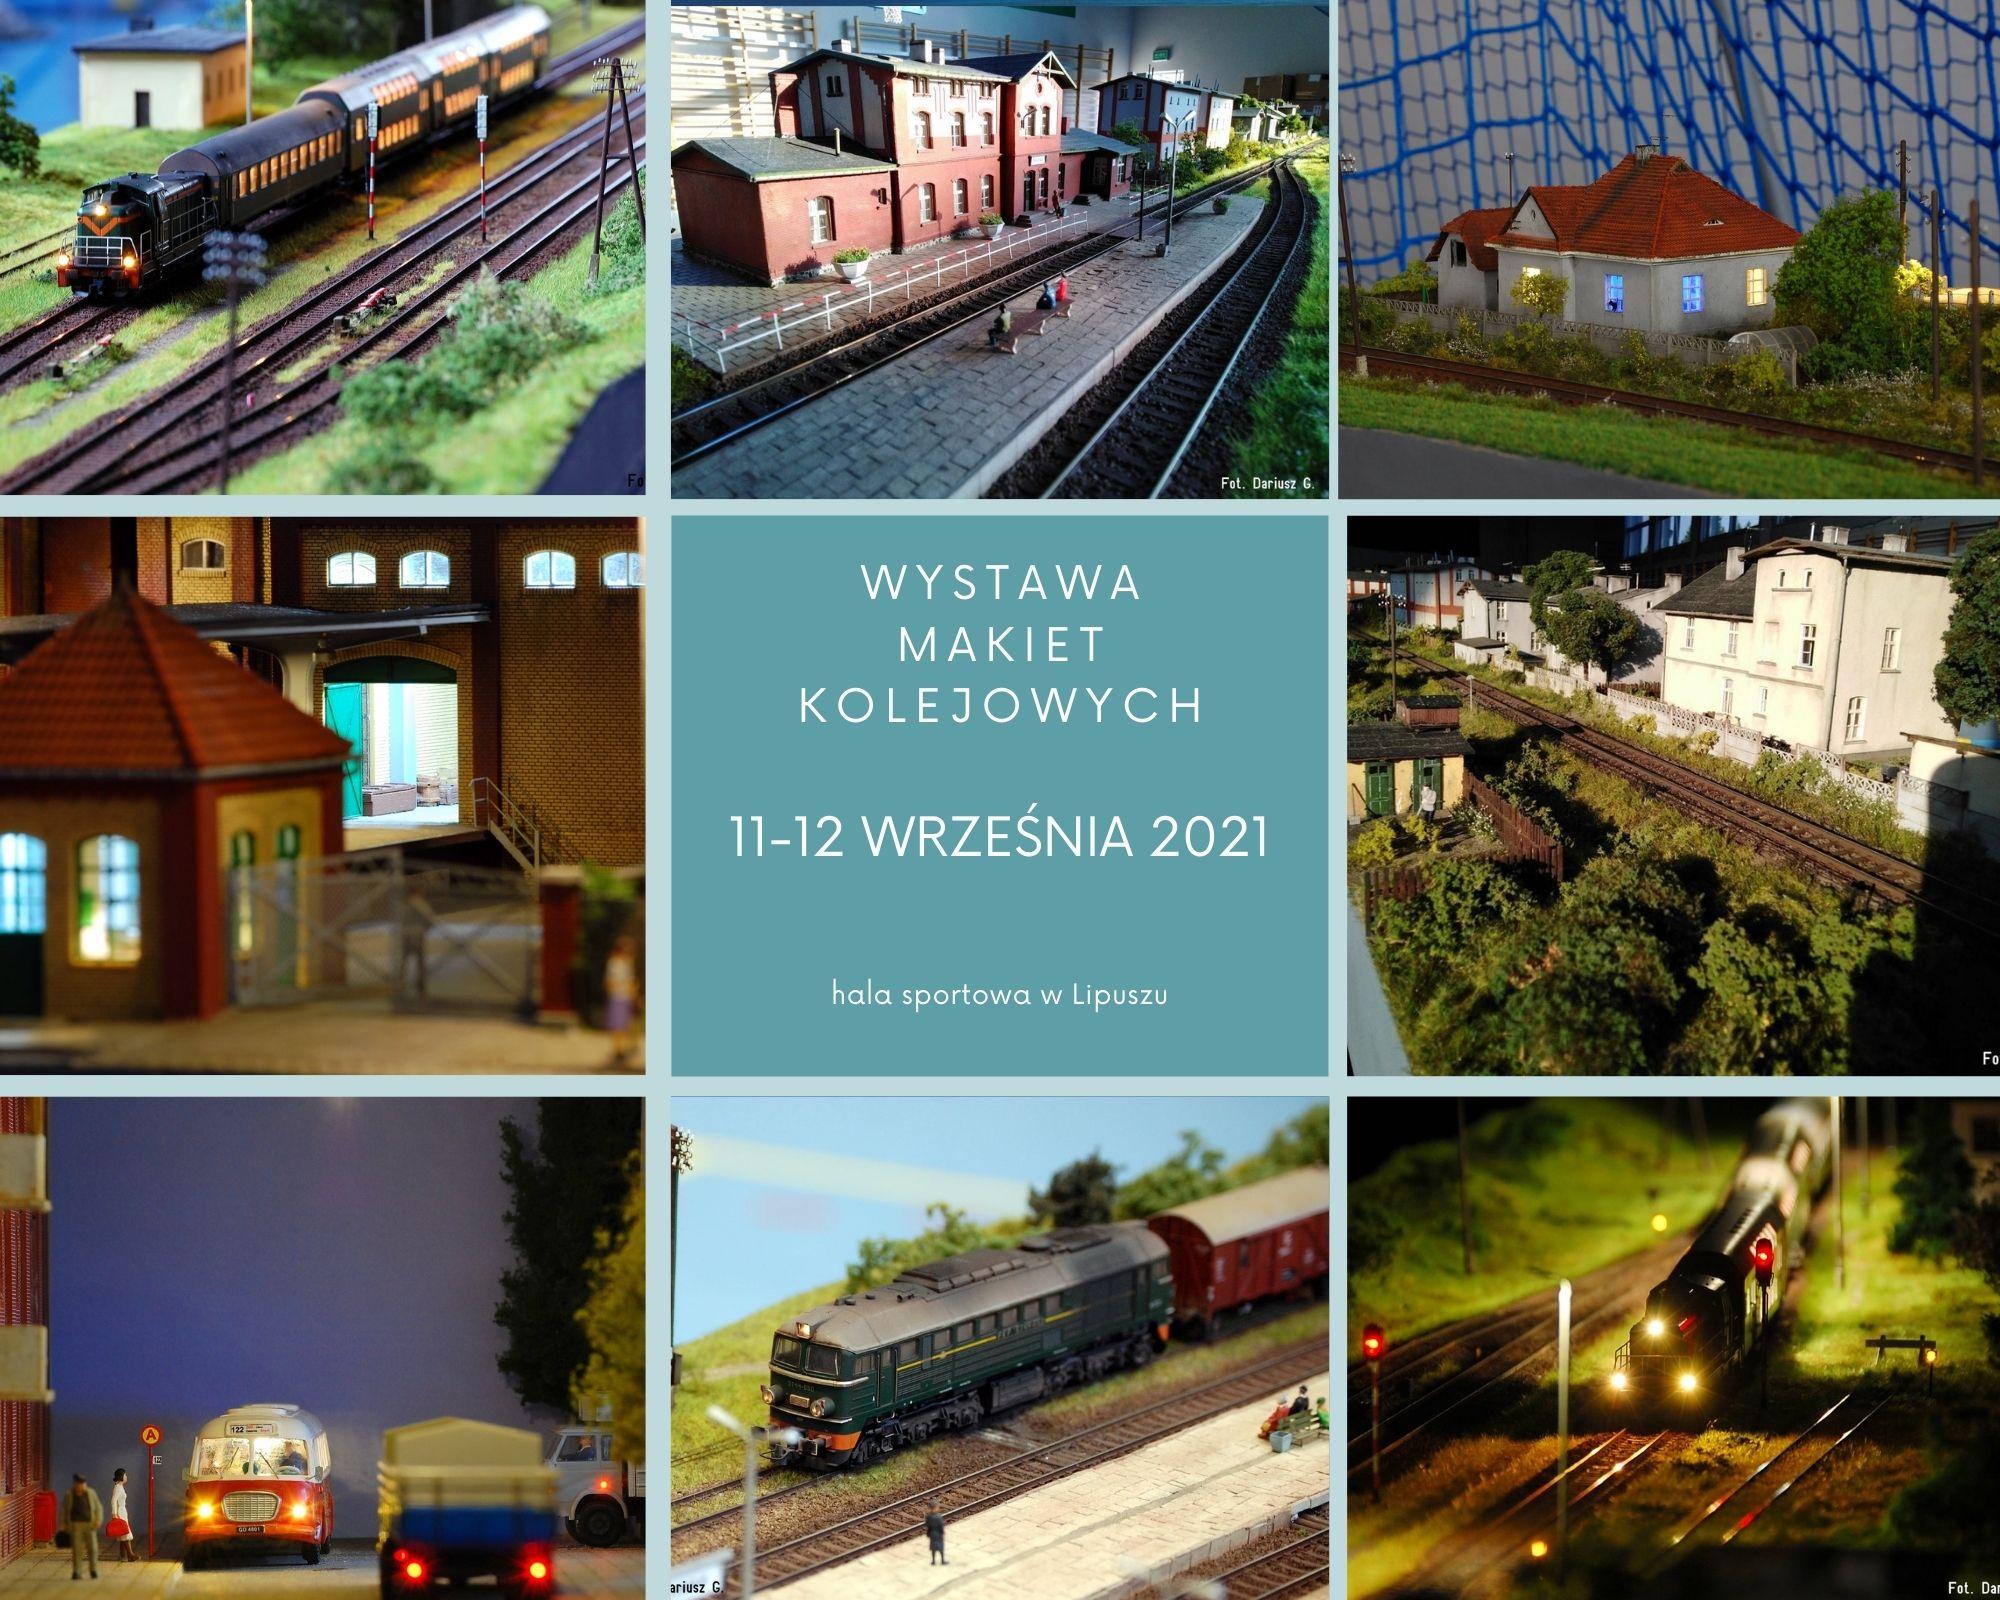 Wystawa makiet kolejowych 11-12 września 2021 hala sportowa w Lipuszu